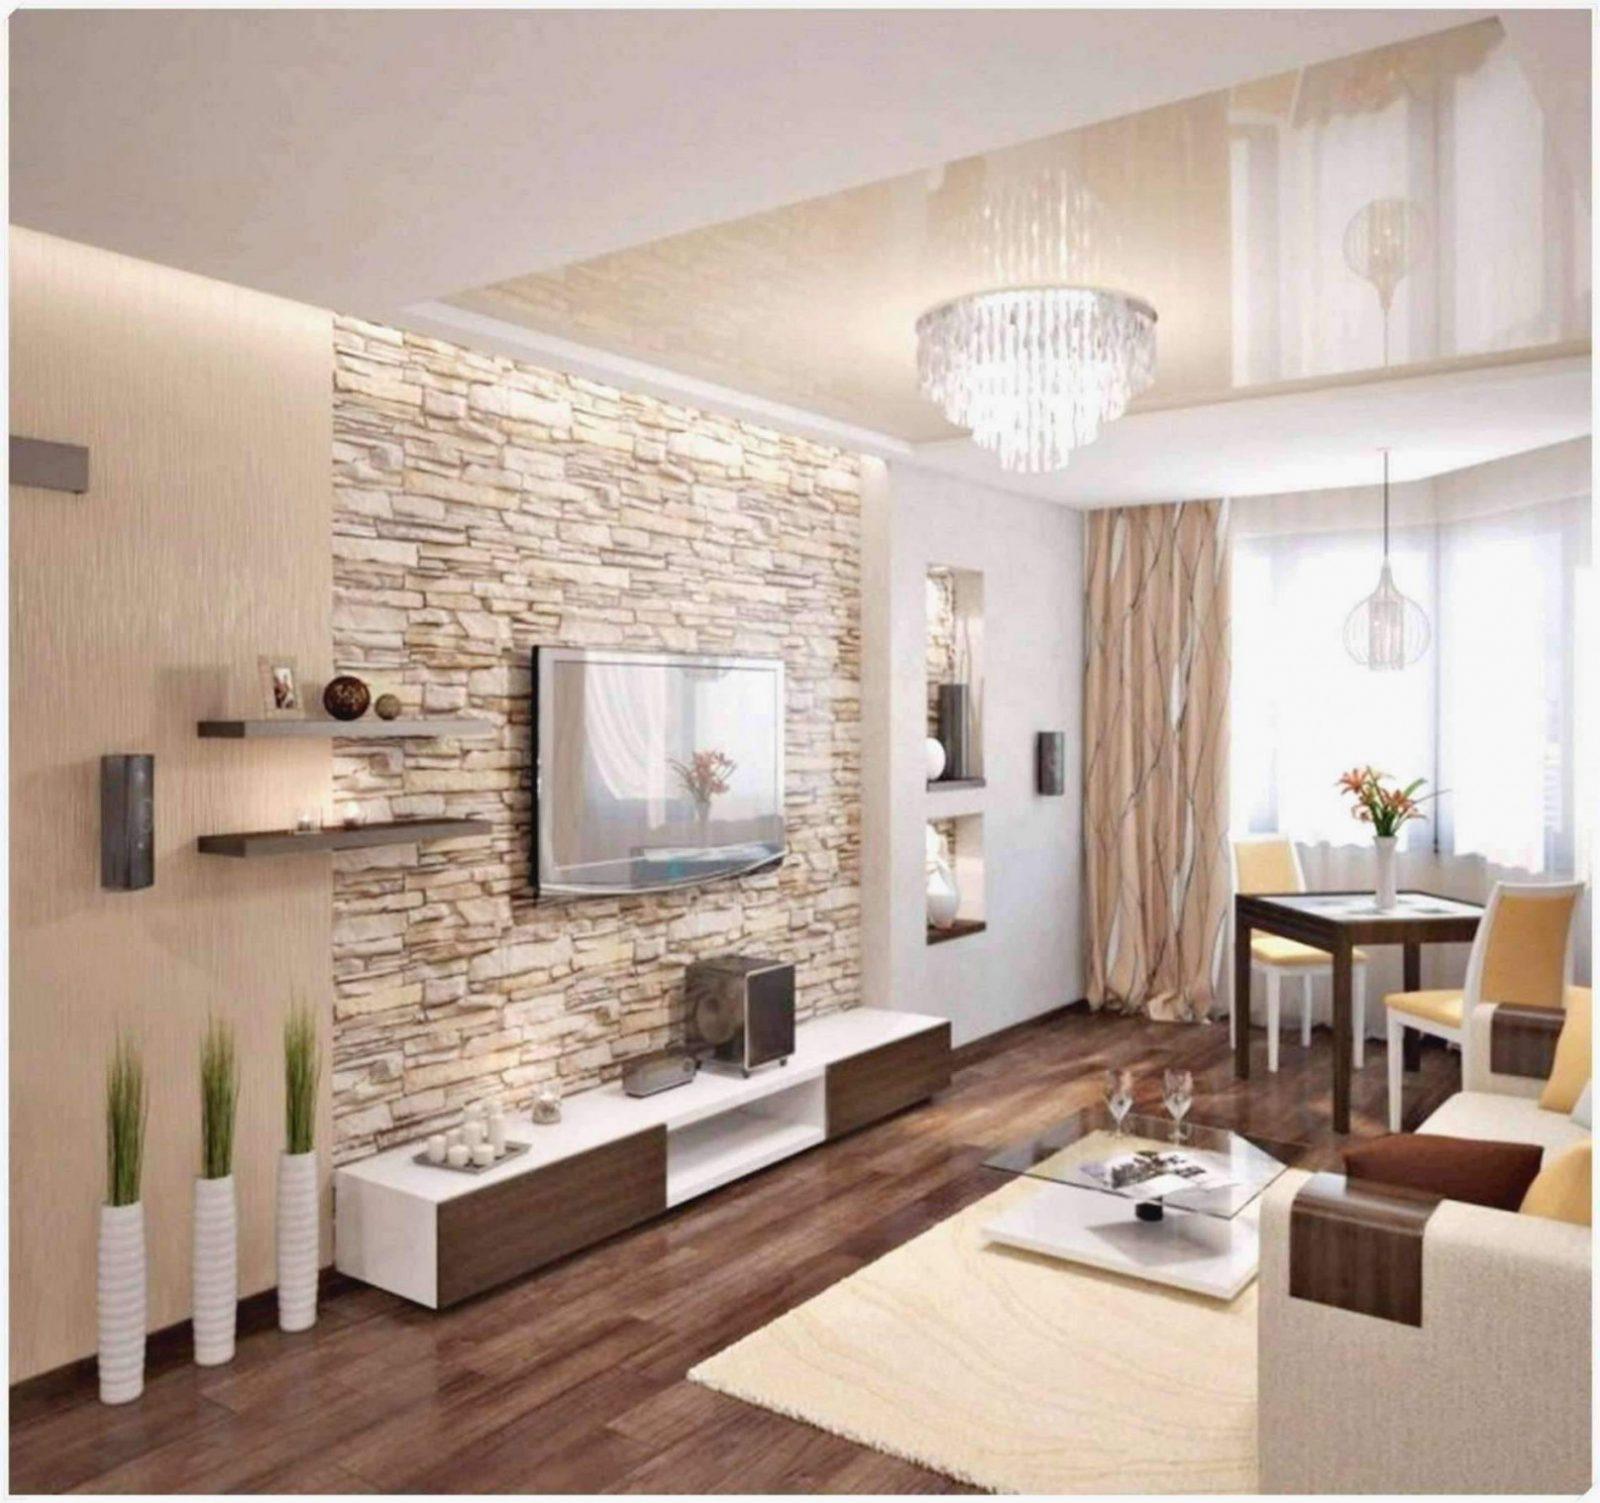 Deko Wand Wohnzimmer Frisch Luxury Dekoration Wohnzimmer von Dekoration Wohnzimmer Wand Photo